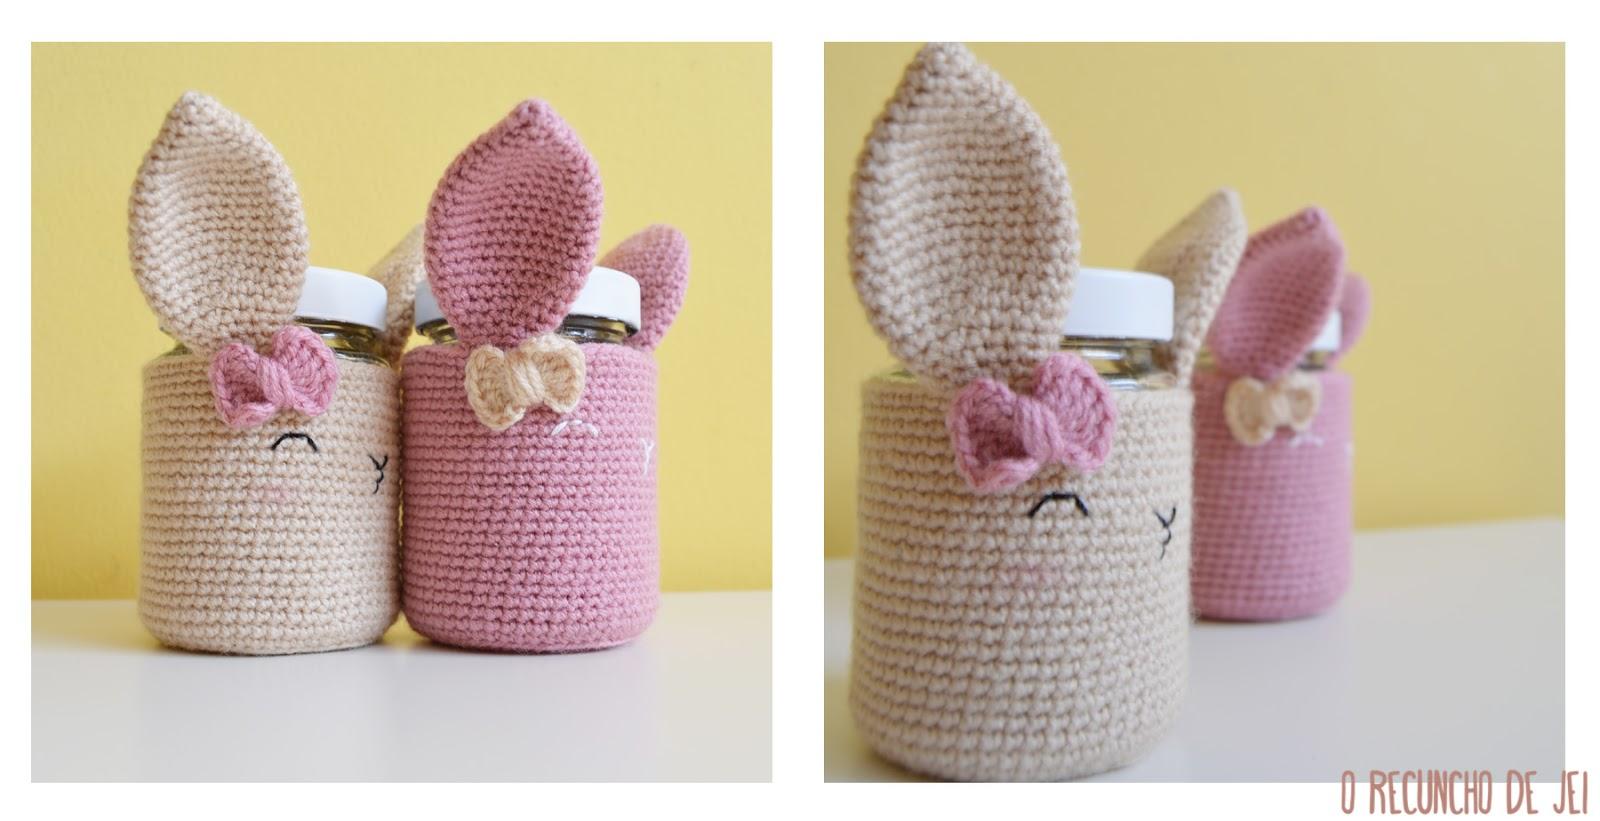 O Recuncho de Jei: Regalos Handmade: Botes Conejos Crochet